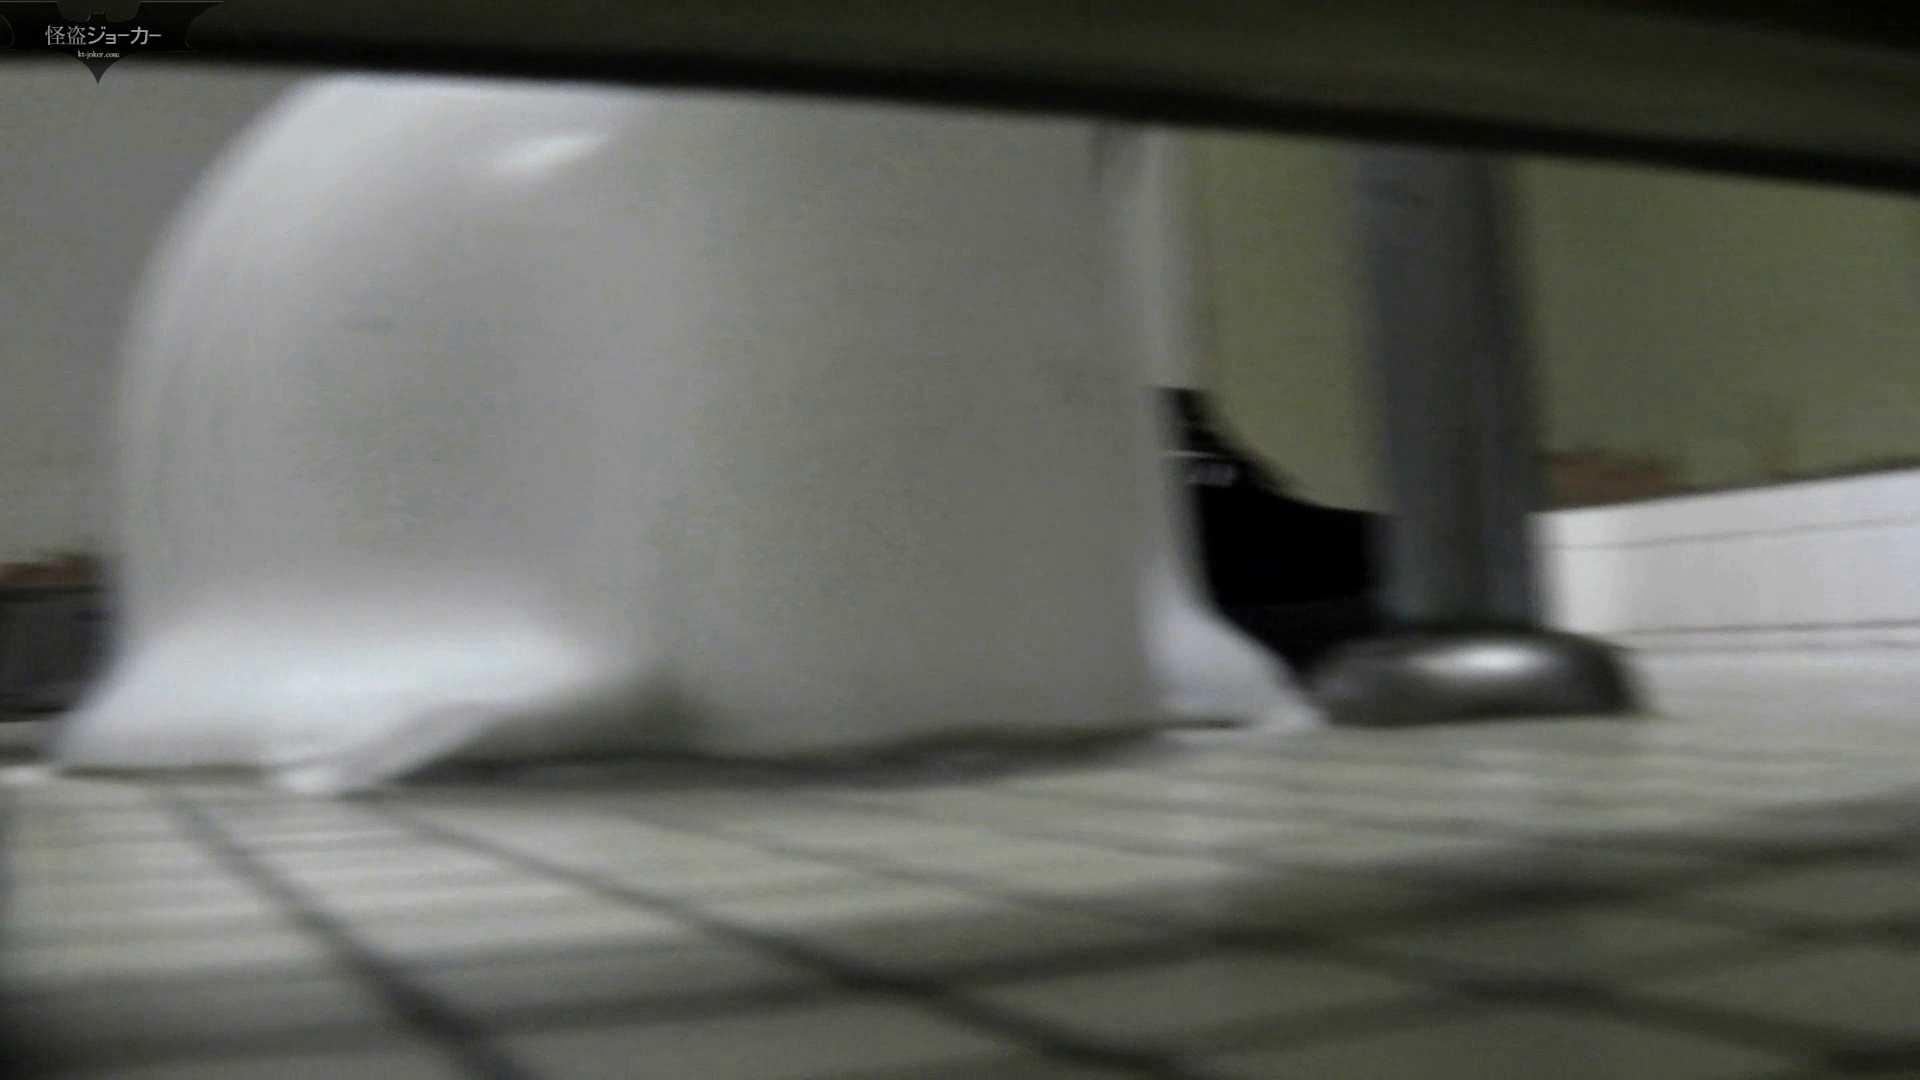 【美しき個室な世界】洗面所特攻隊 vol.051 洗面所着替え   OL  61連発 11